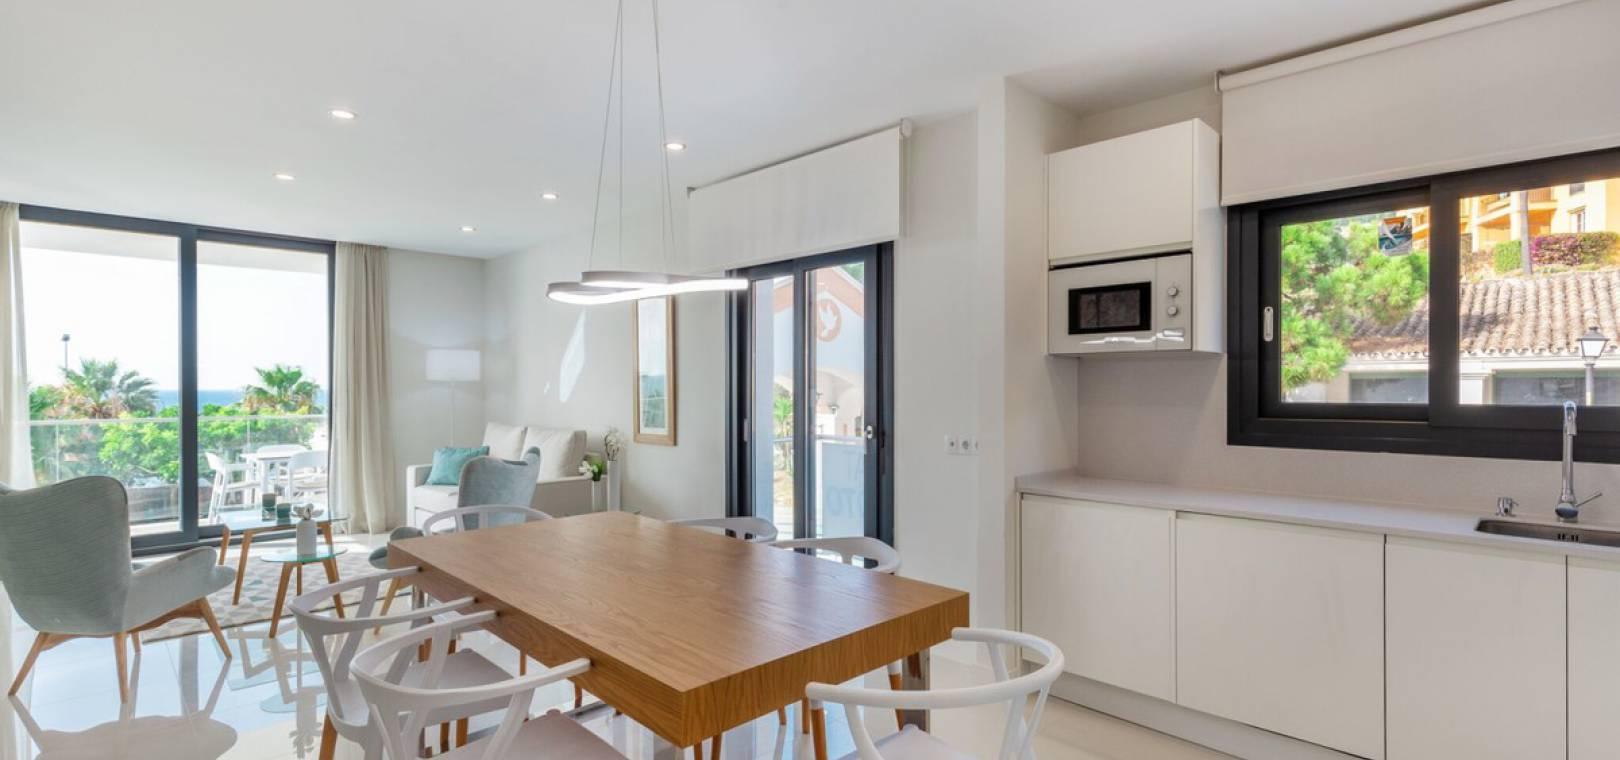 Nouvelle construction - Appartement - Manilva